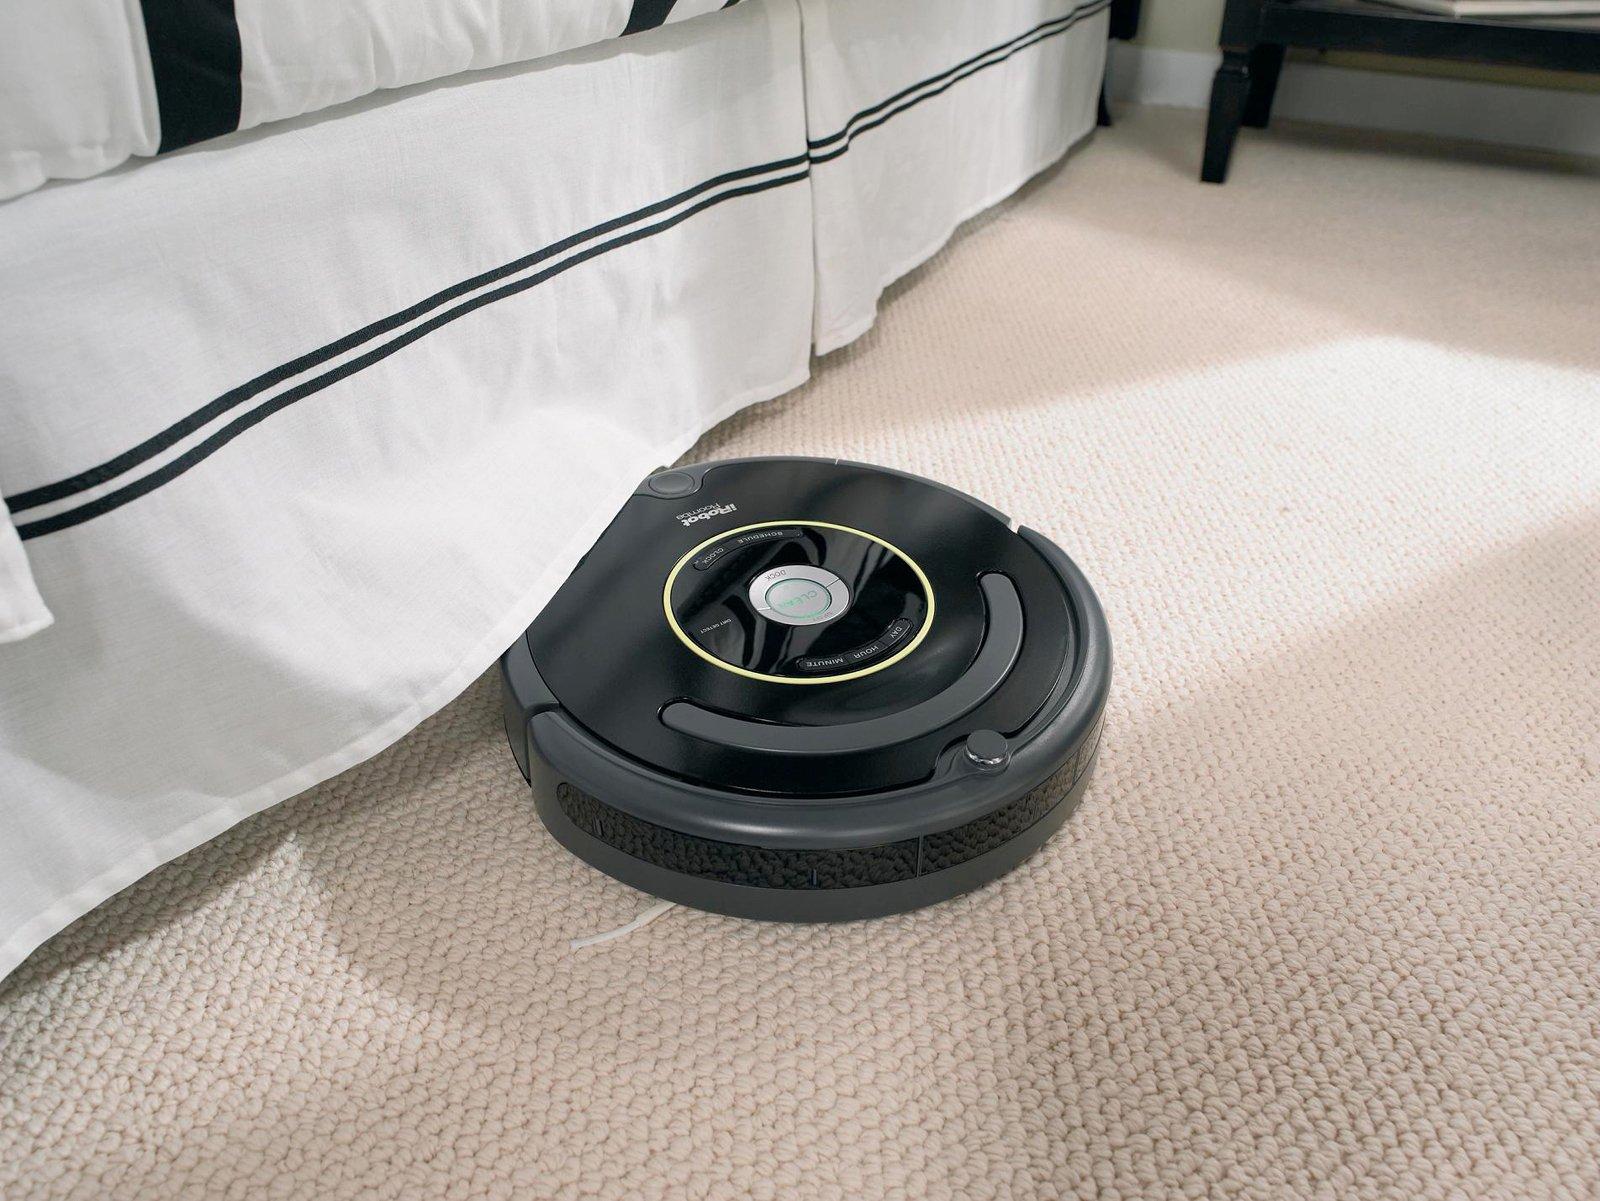 Elettrodomestici per la pulizia cose di casa - Robot aspirapolvere folletto prezzo ...